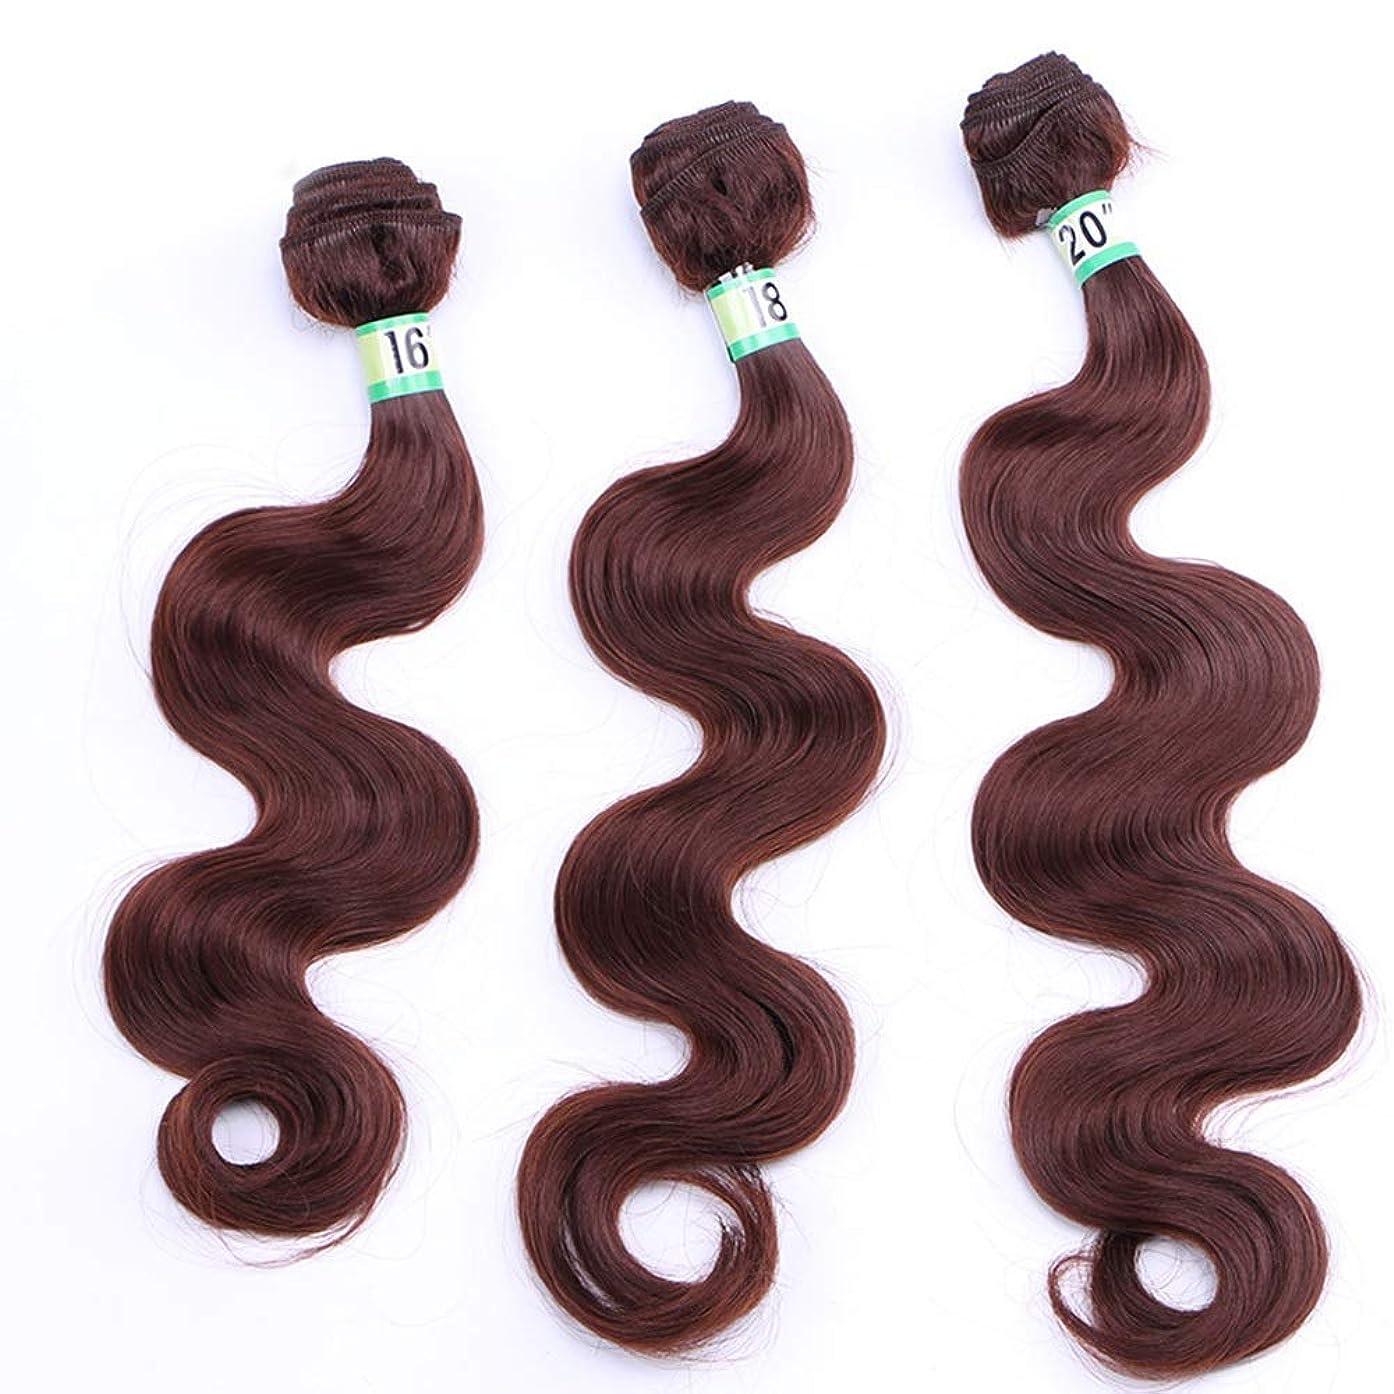 矢じり崖なだめるYrattary ブラジルの髪絹のような長い実体波3バンドル - 33#茶色の髪の拡張子織り女性合成髪レースかつらロールプレイングかつら長くて短い女性自然 (色 : ブラウン, サイズ : 20